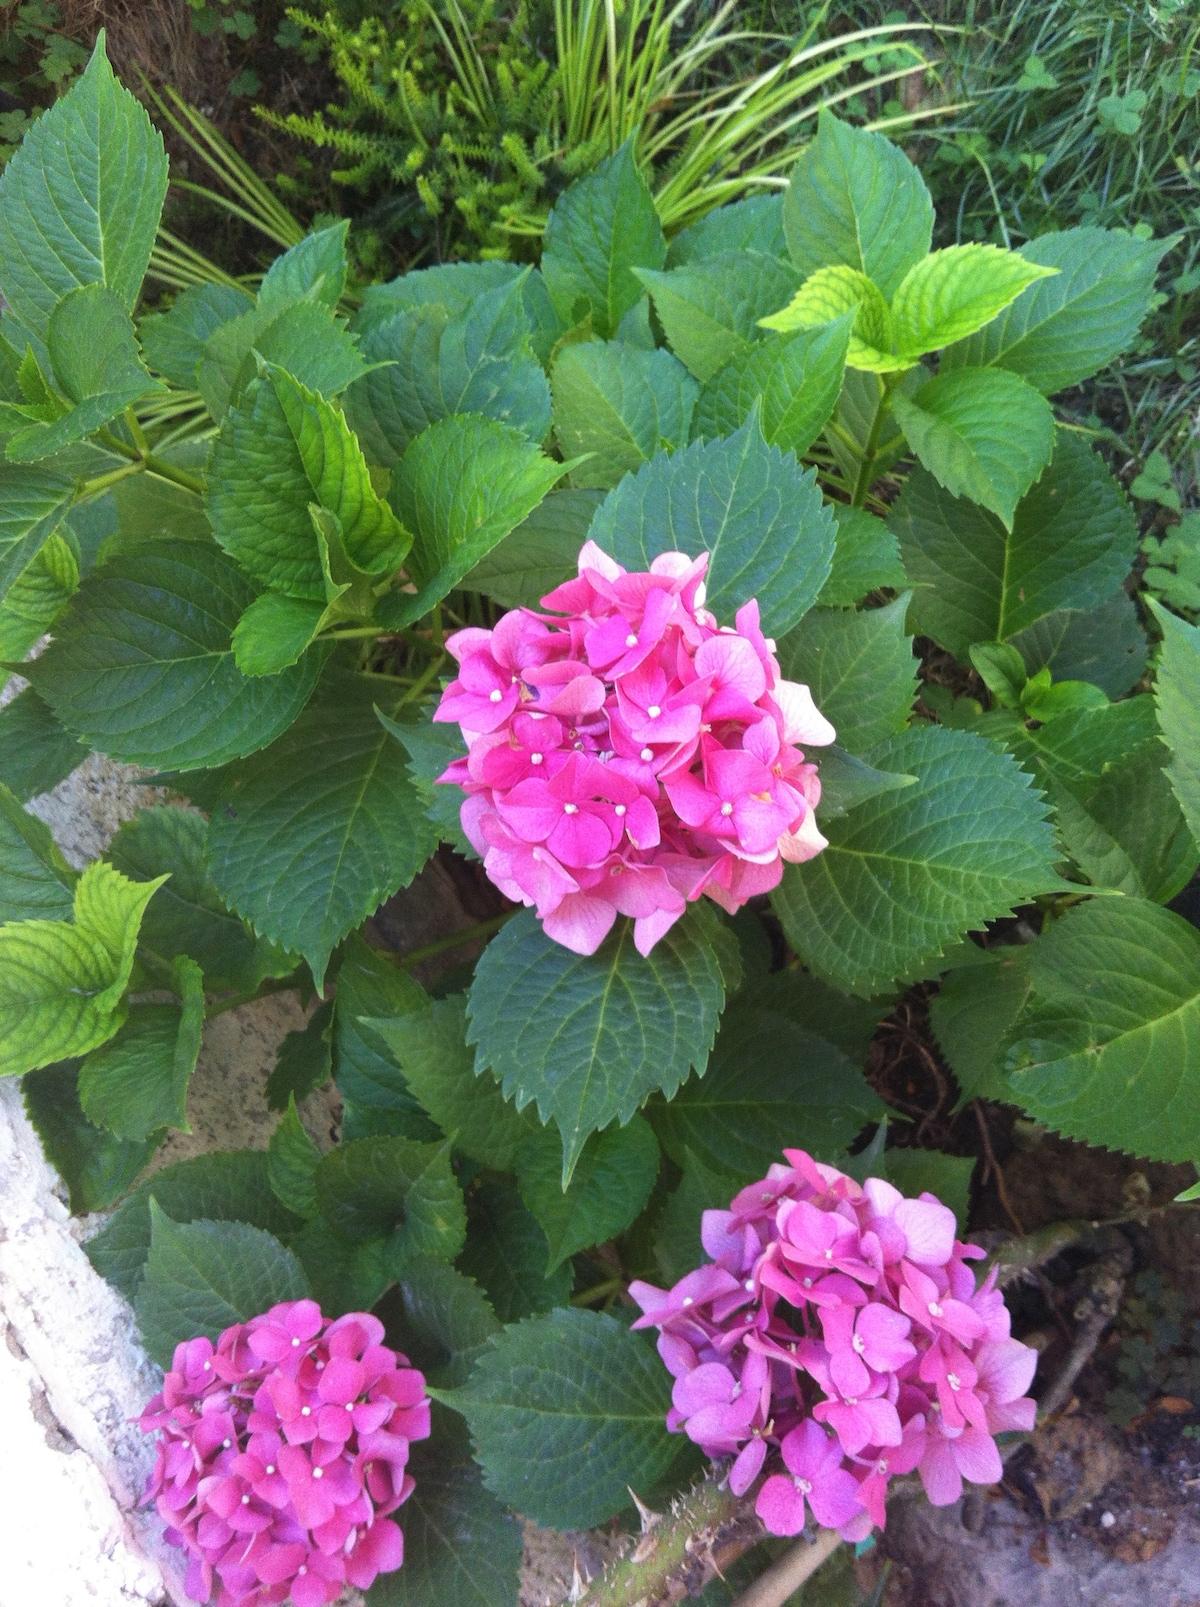 flowers in the garden!